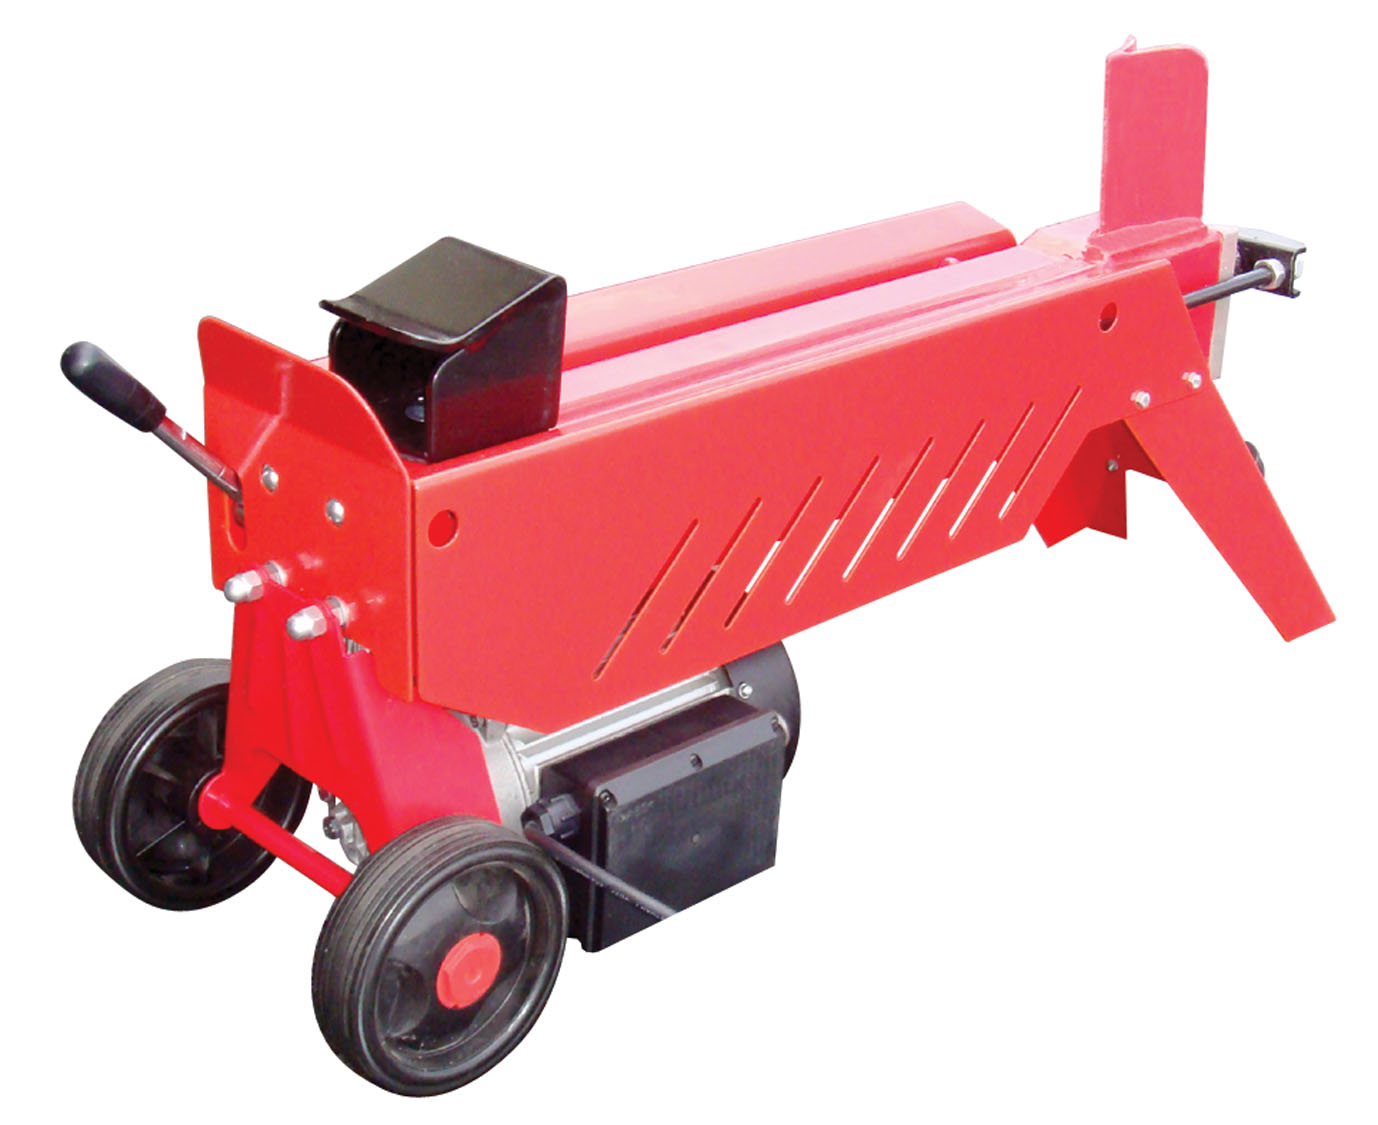 ナカトミ油圧式薪割り機 LS-4